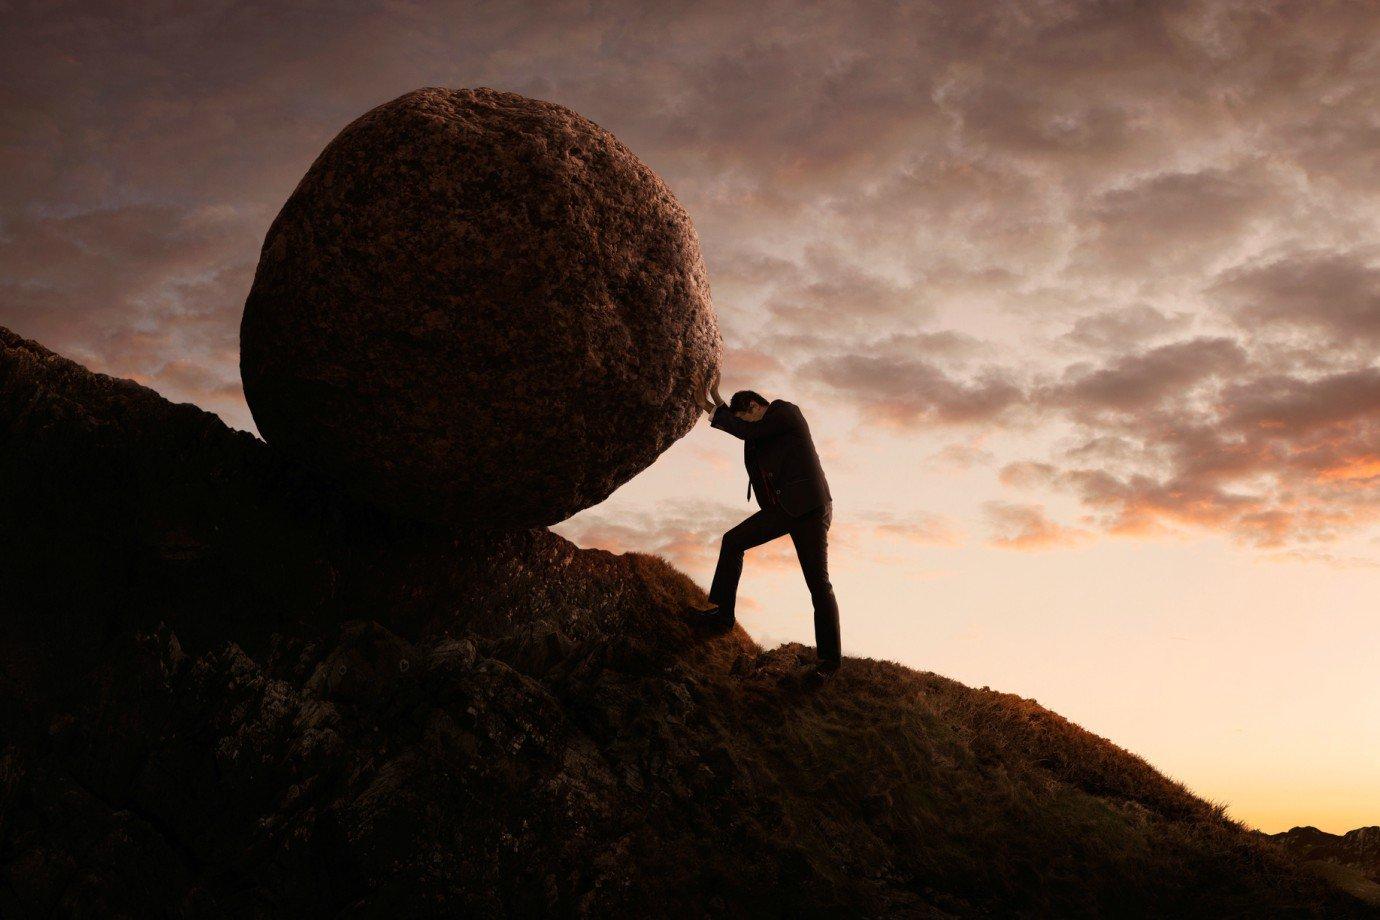 Pessoa levando pedra para o topo de uma montanha